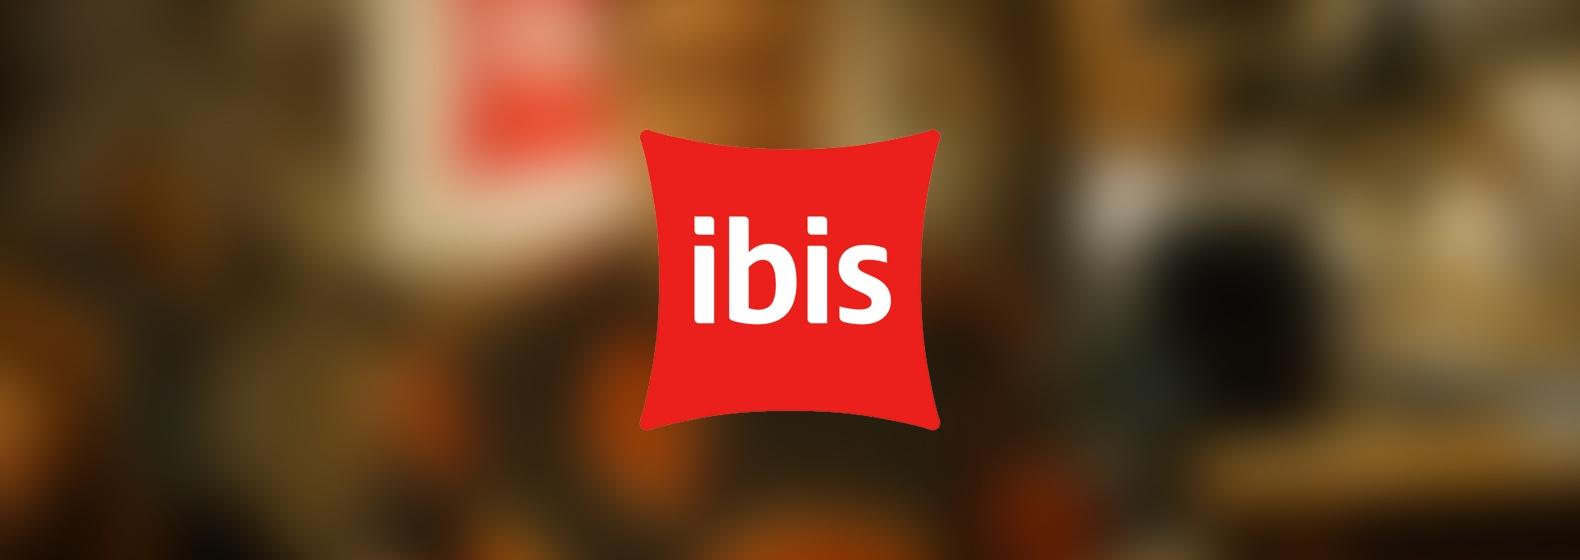 ibis-en-tete.jpg